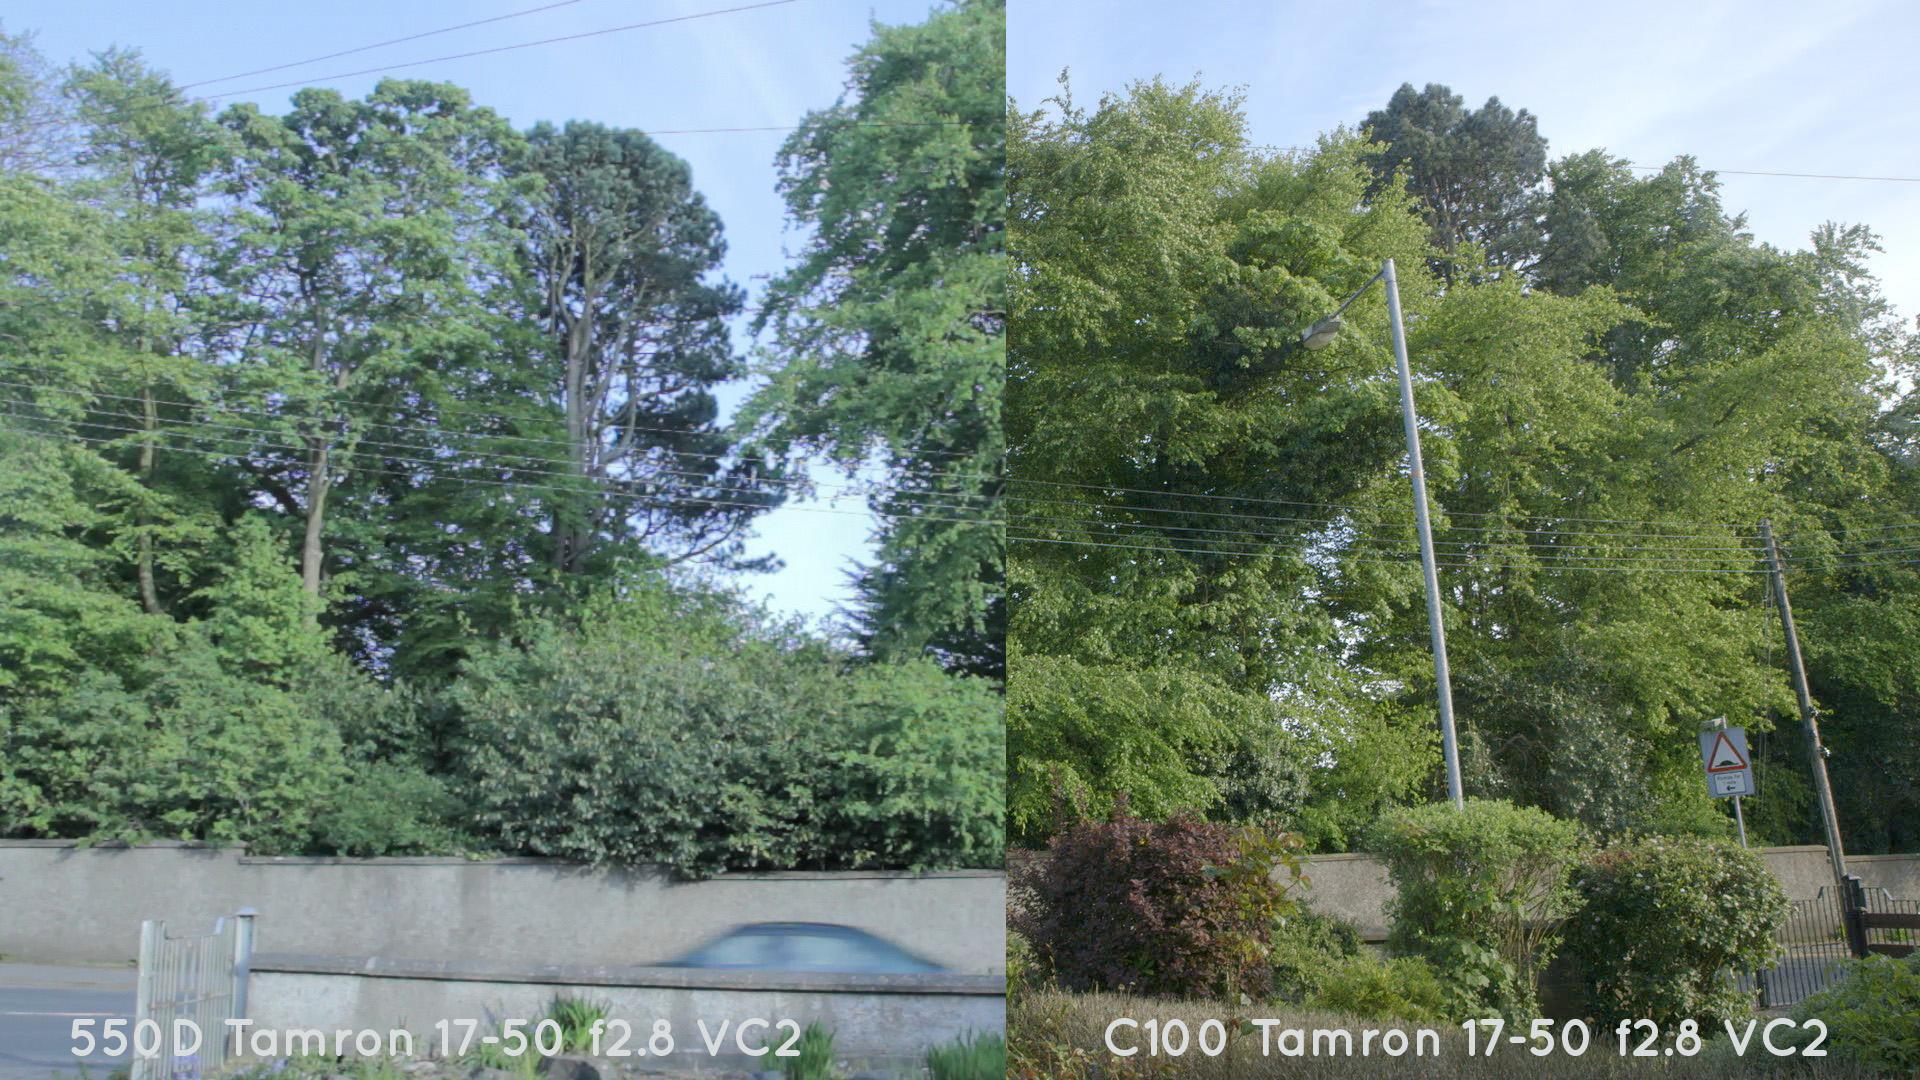 trees_C100_550d